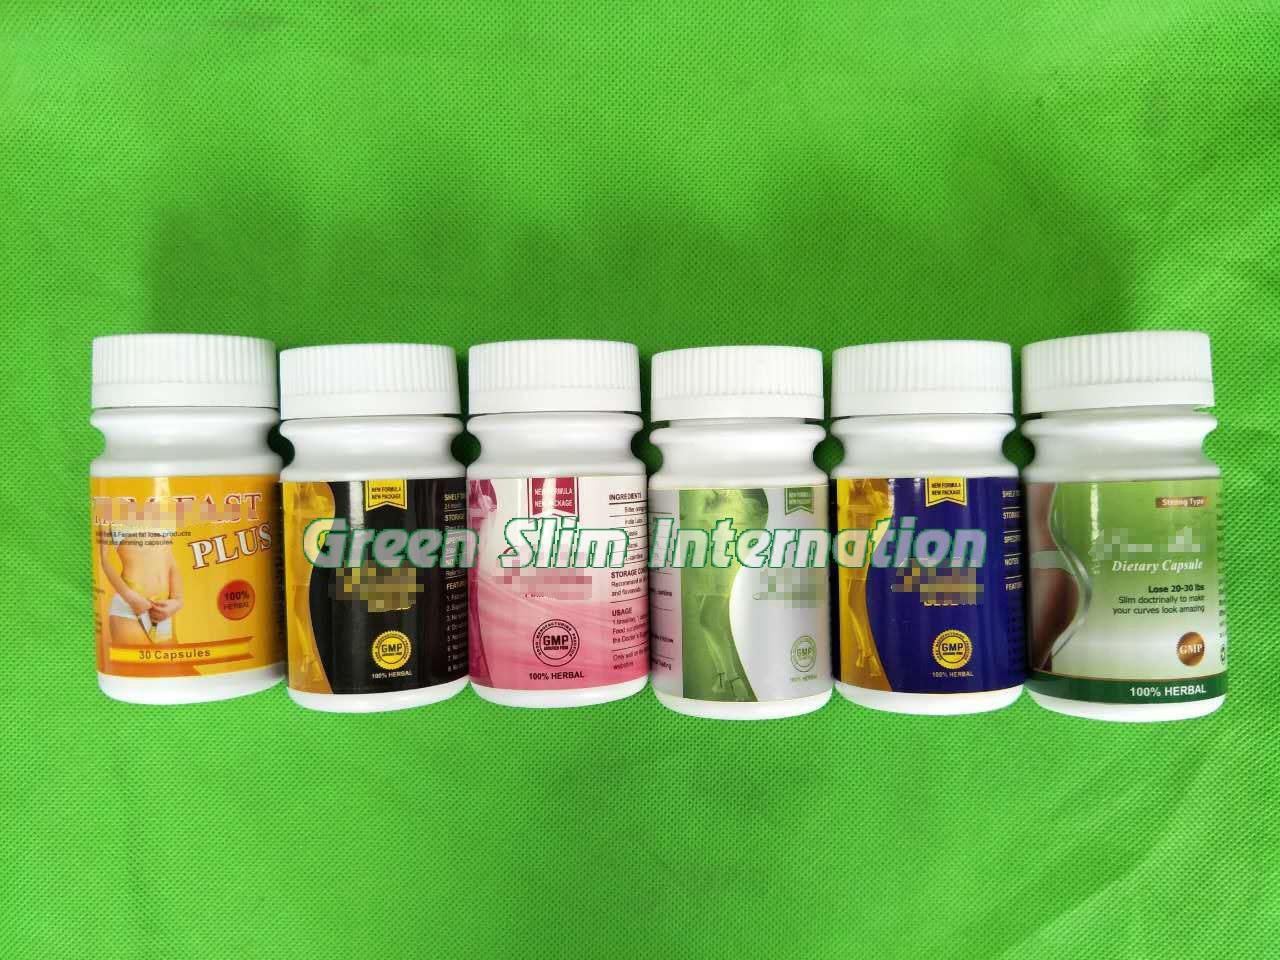 Citrus Fit Orange Grey Slimming Diet Pills Weightloss Slimming Capsule